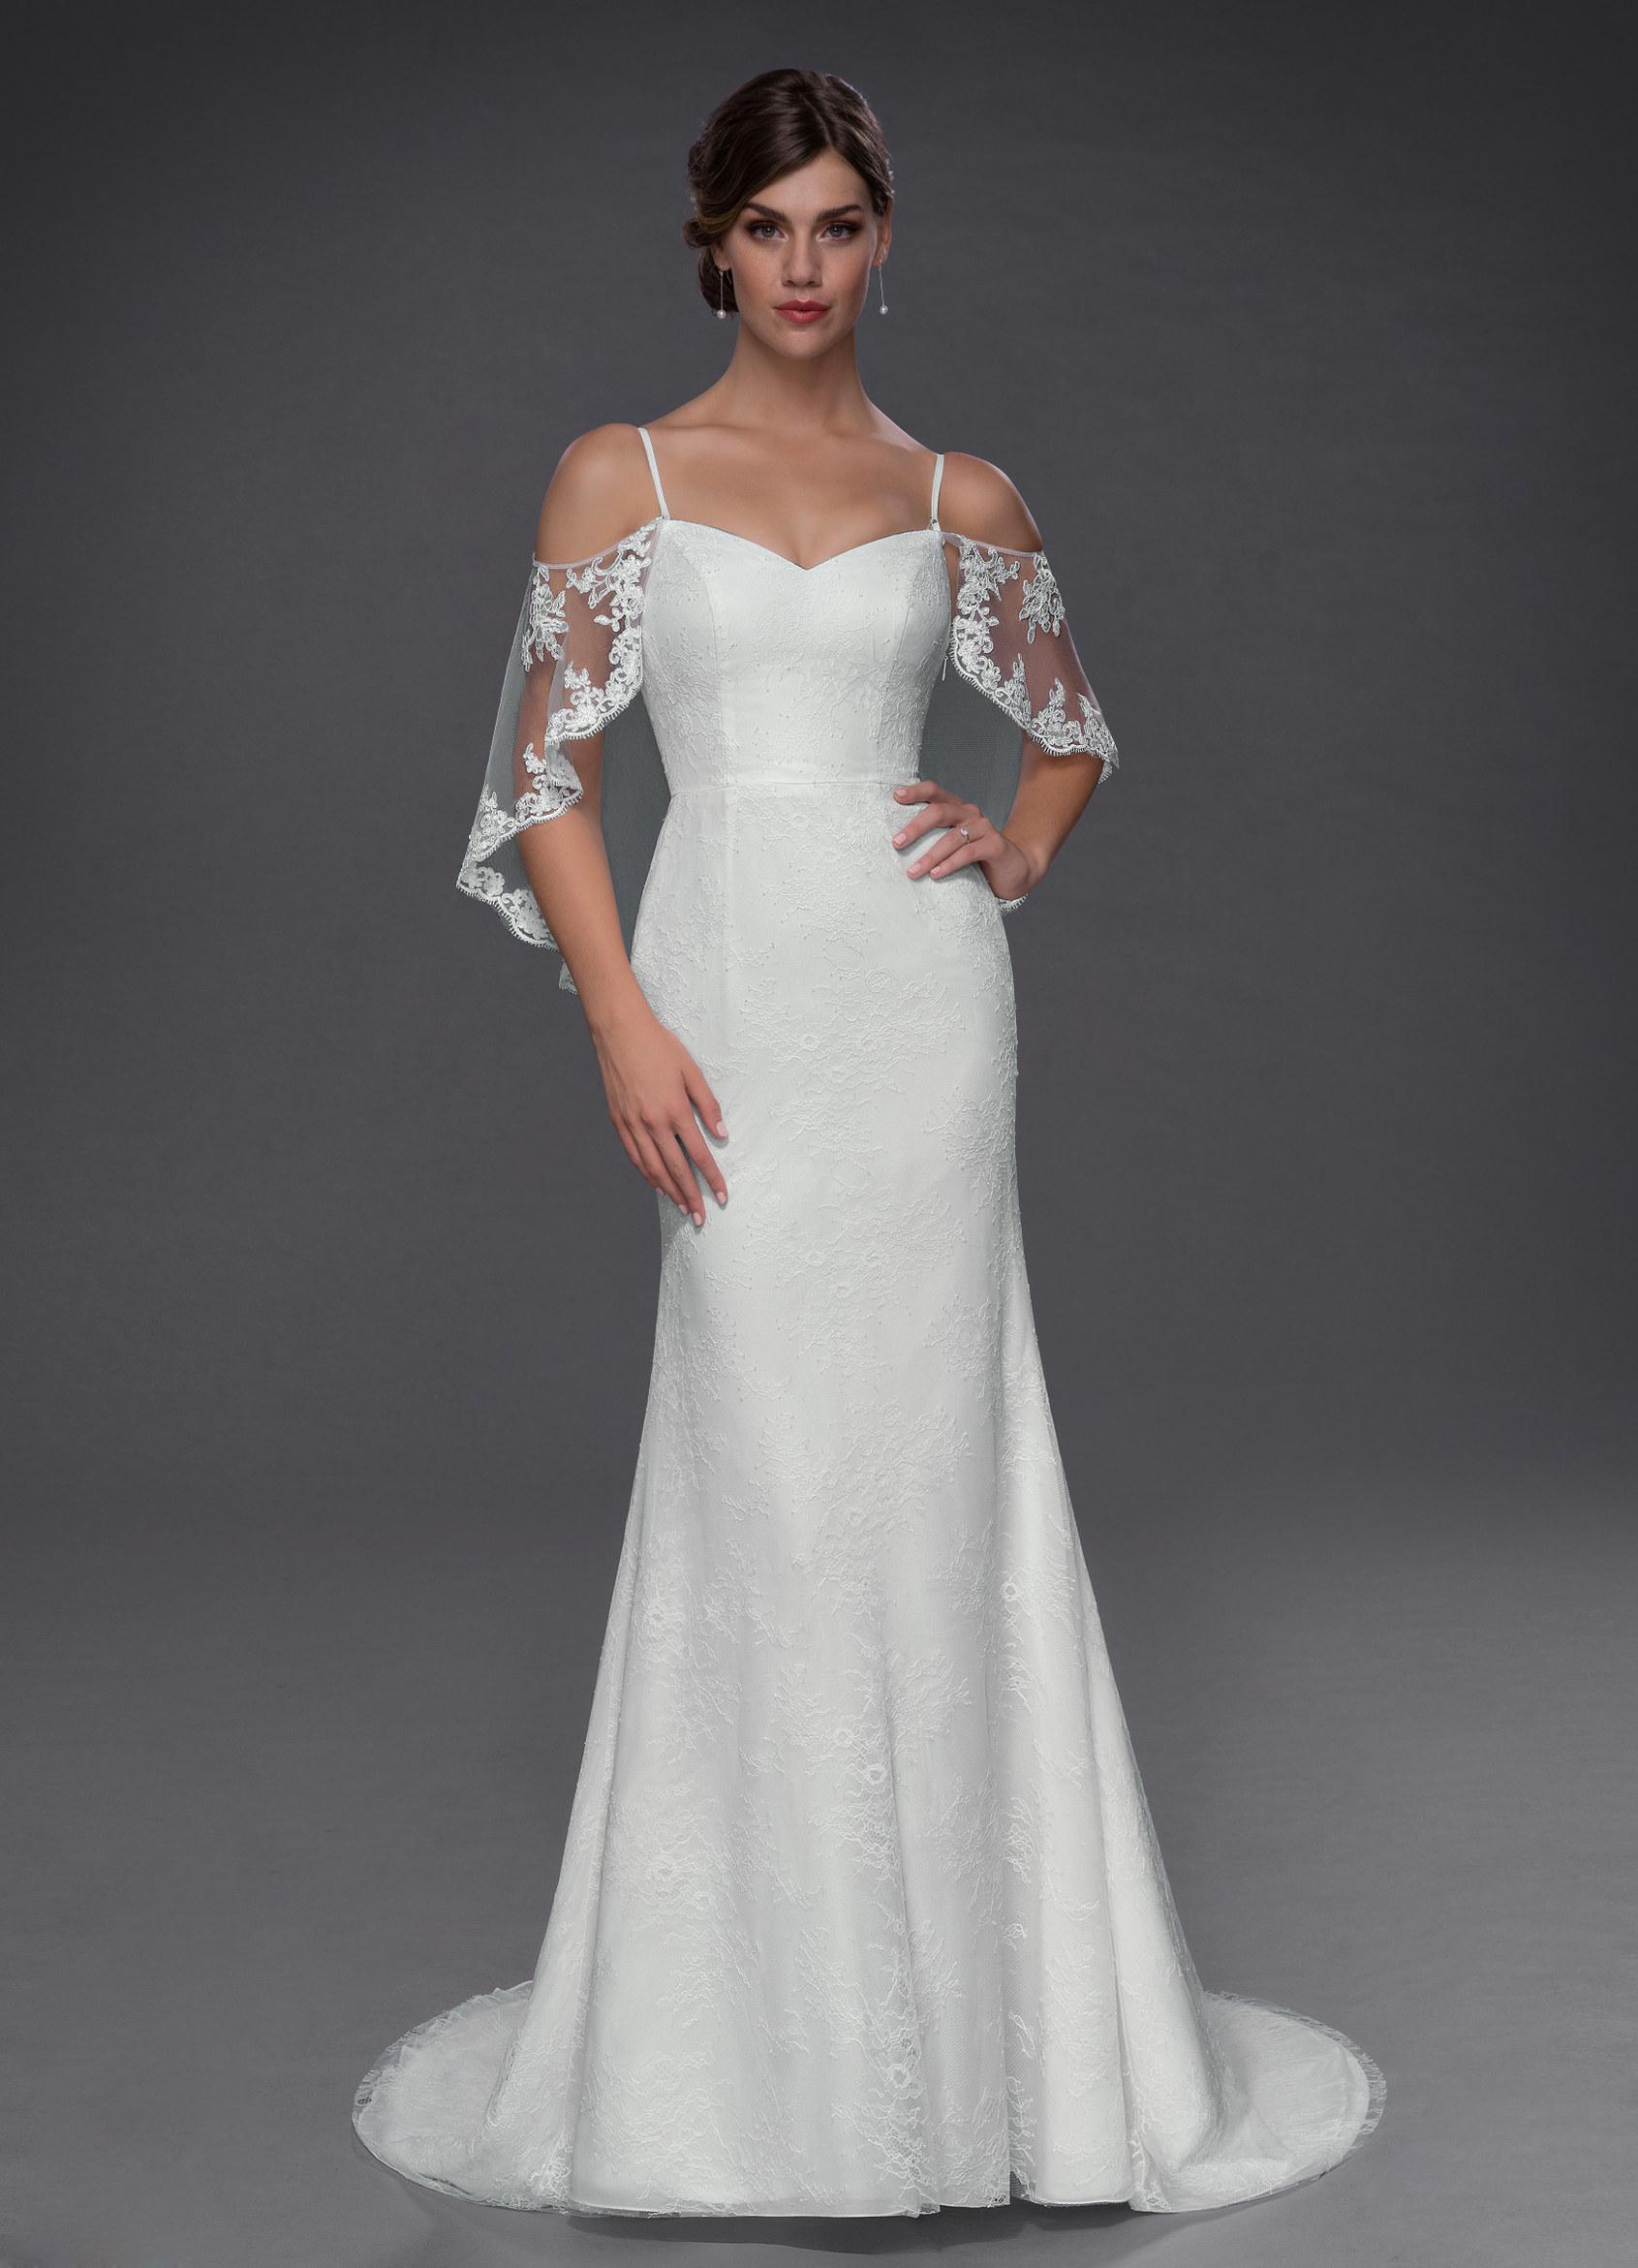 Phoenix Bg Sample Dress